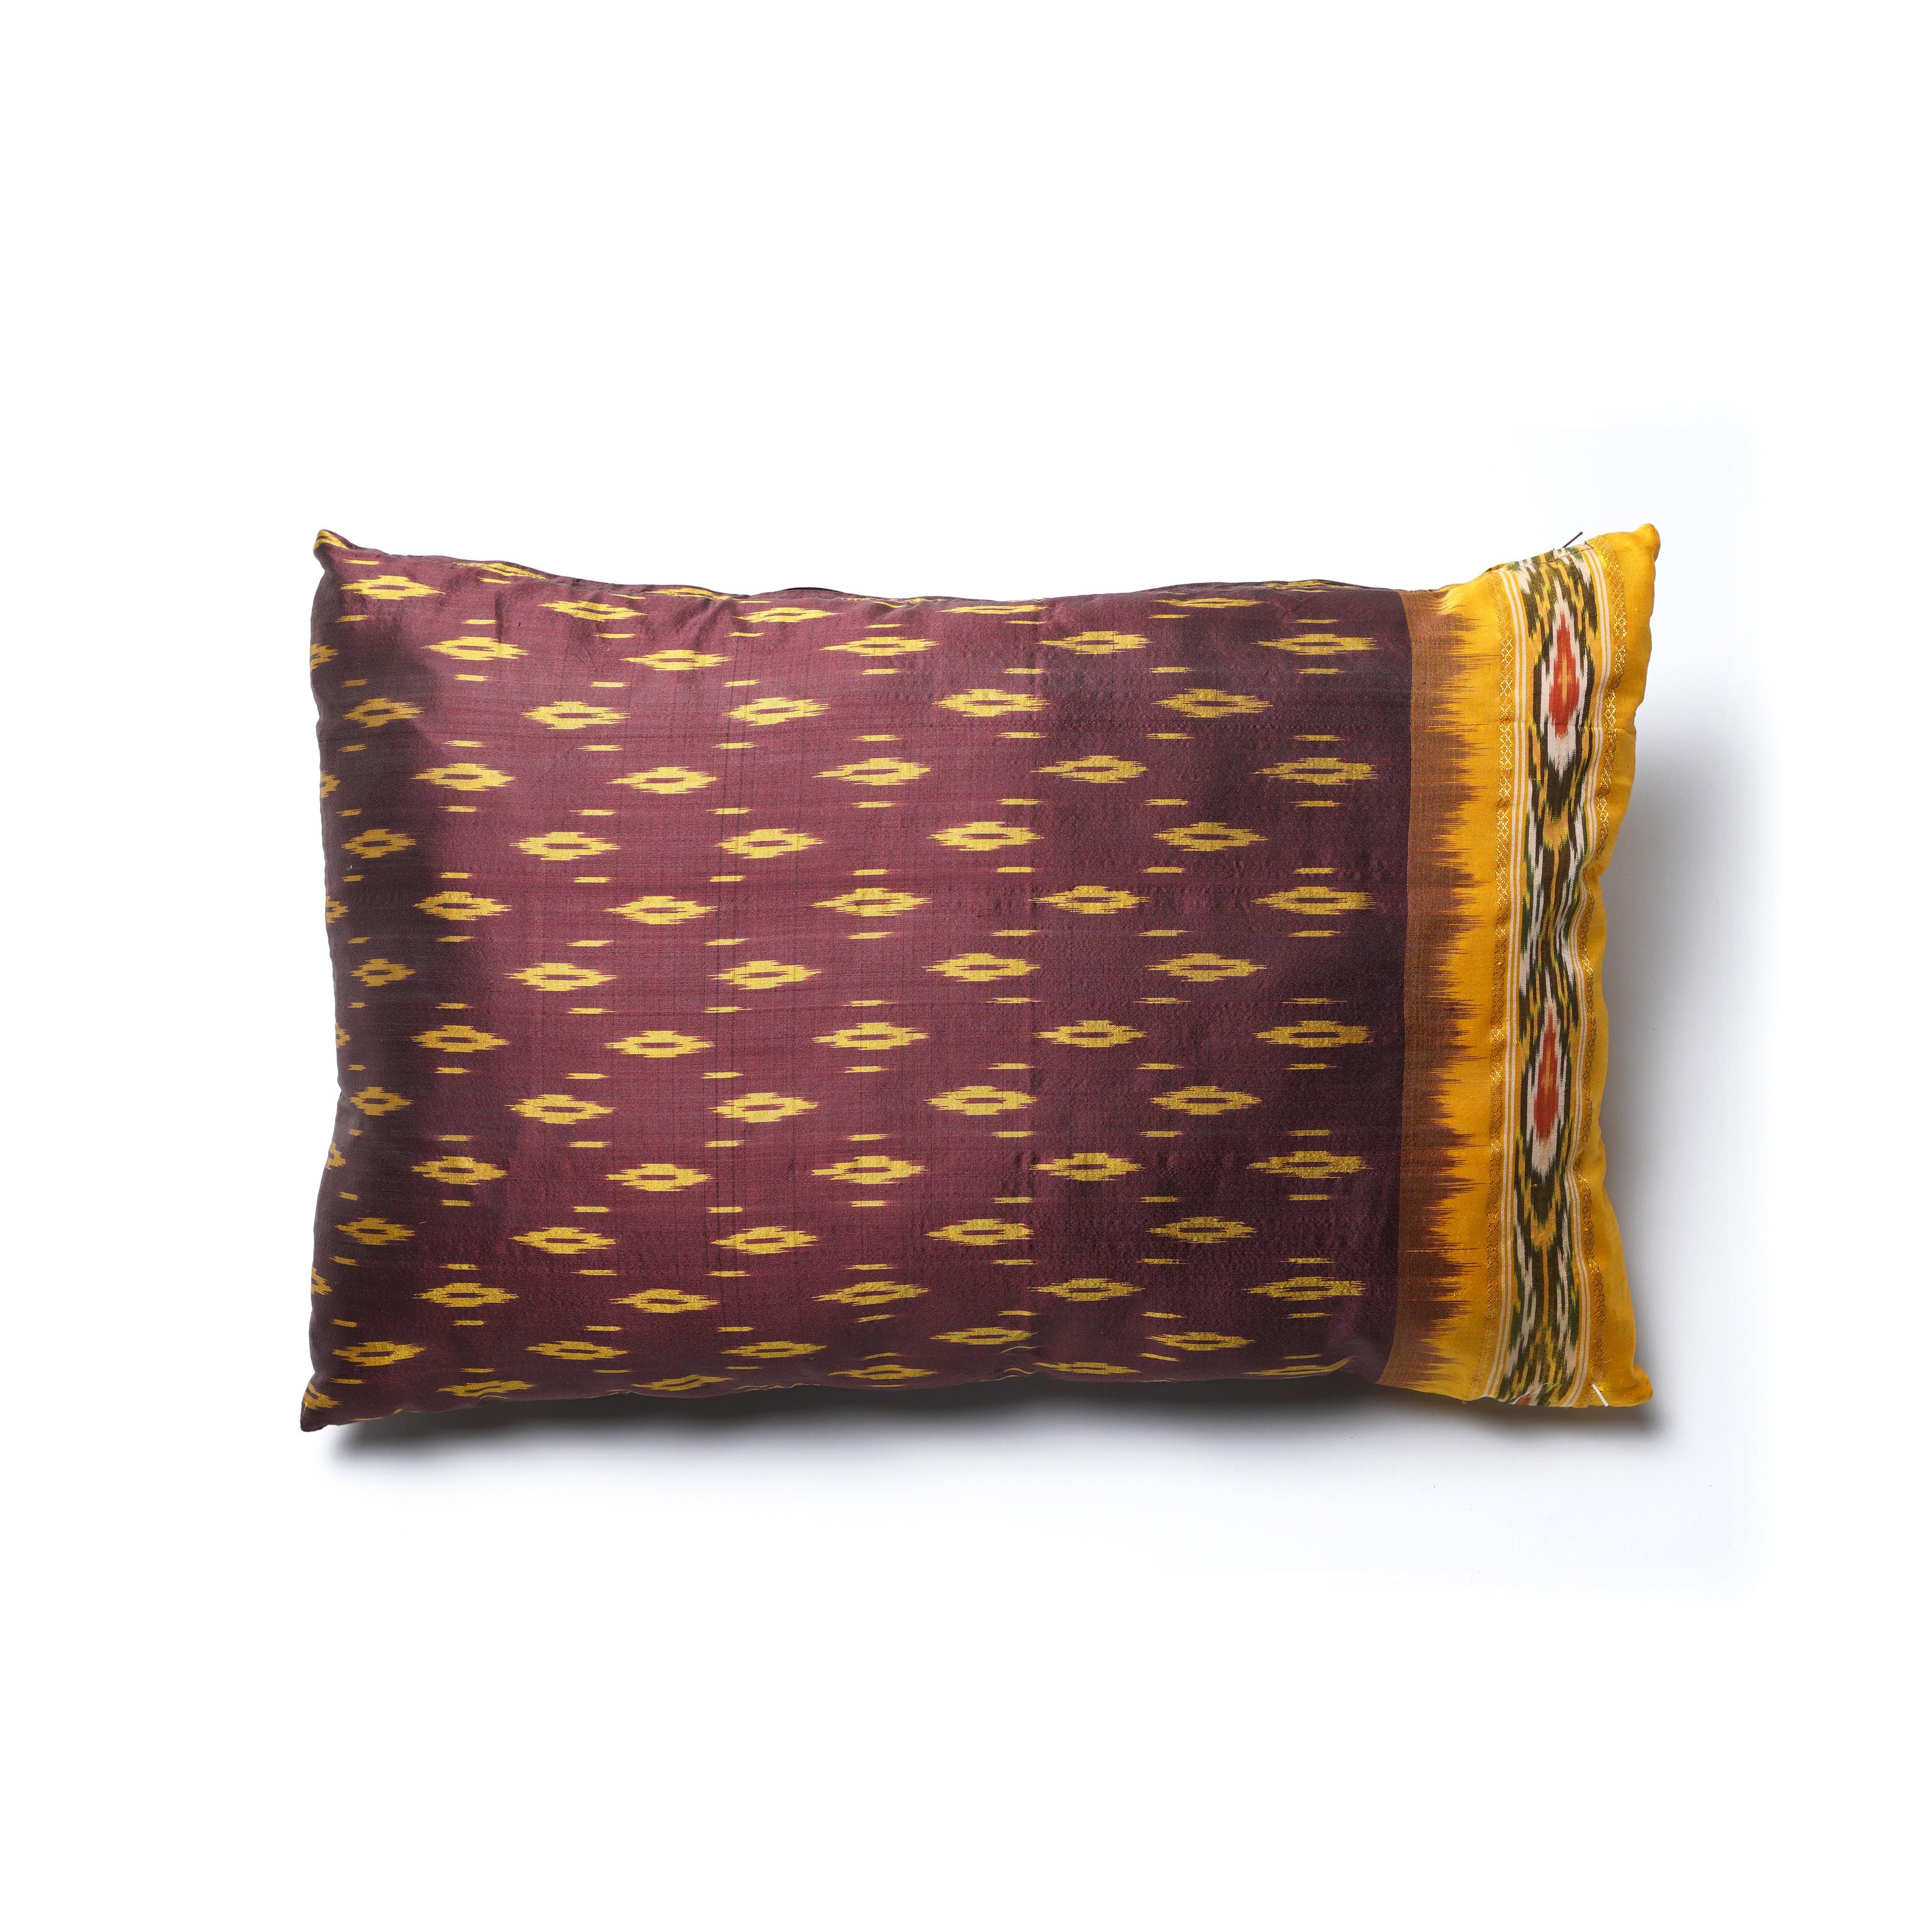 Almohadón de seda, bordeaux y amarillo